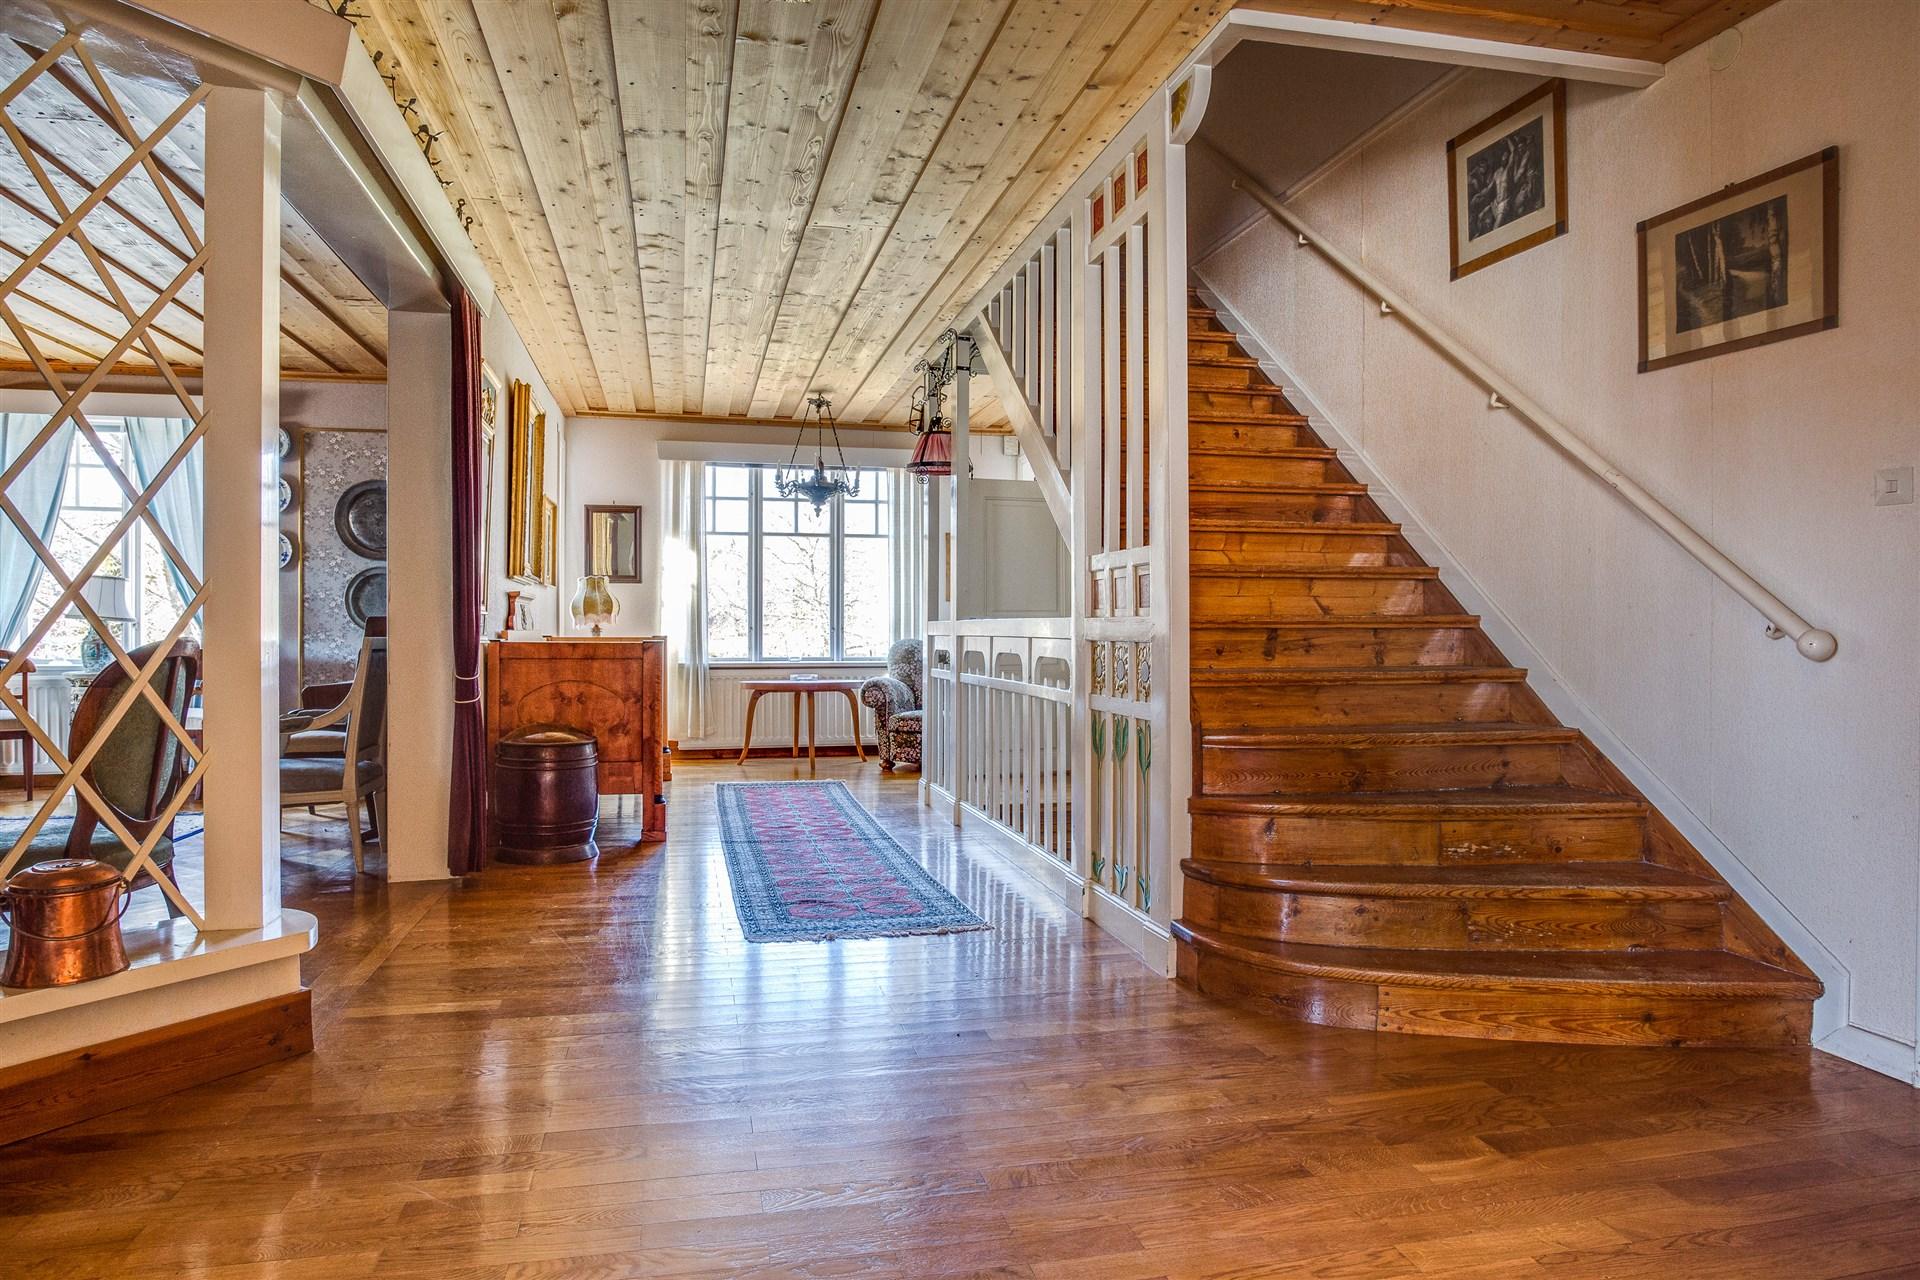 Hallen är möblerbar, har fin spaljé mot matsalen och har vacker trapp till vindsvåningen.